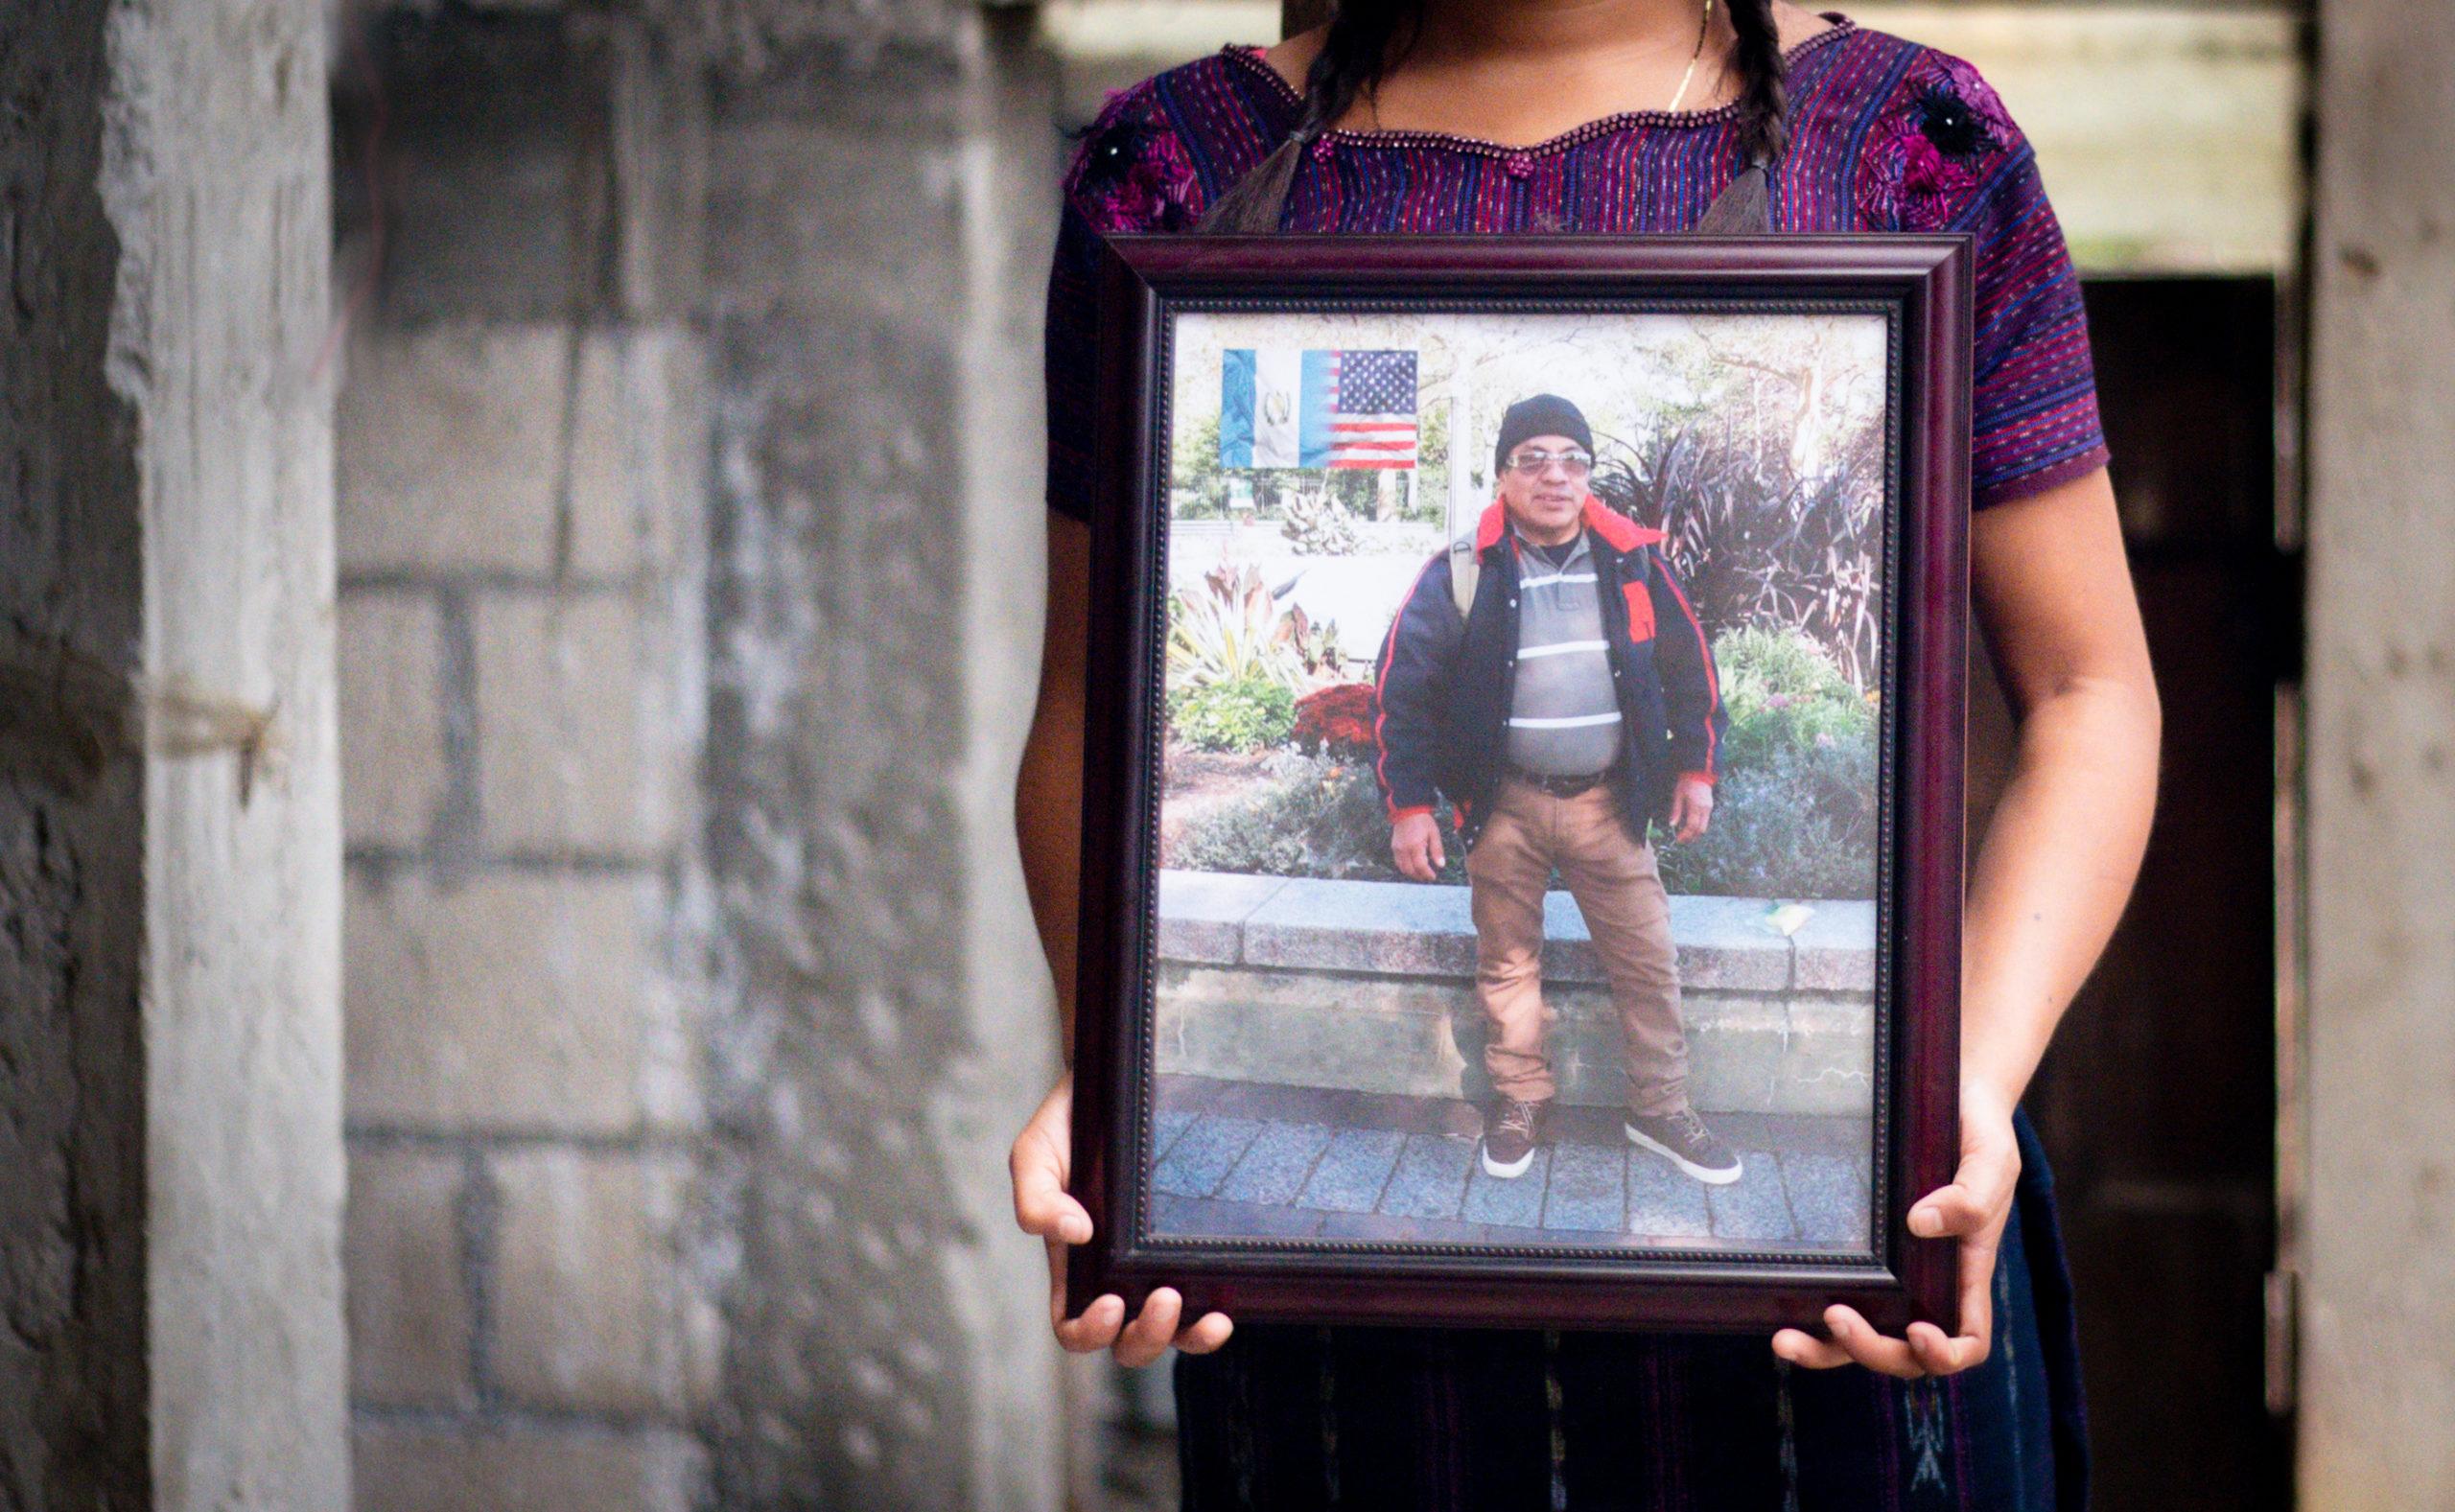 Antonio photo in frame